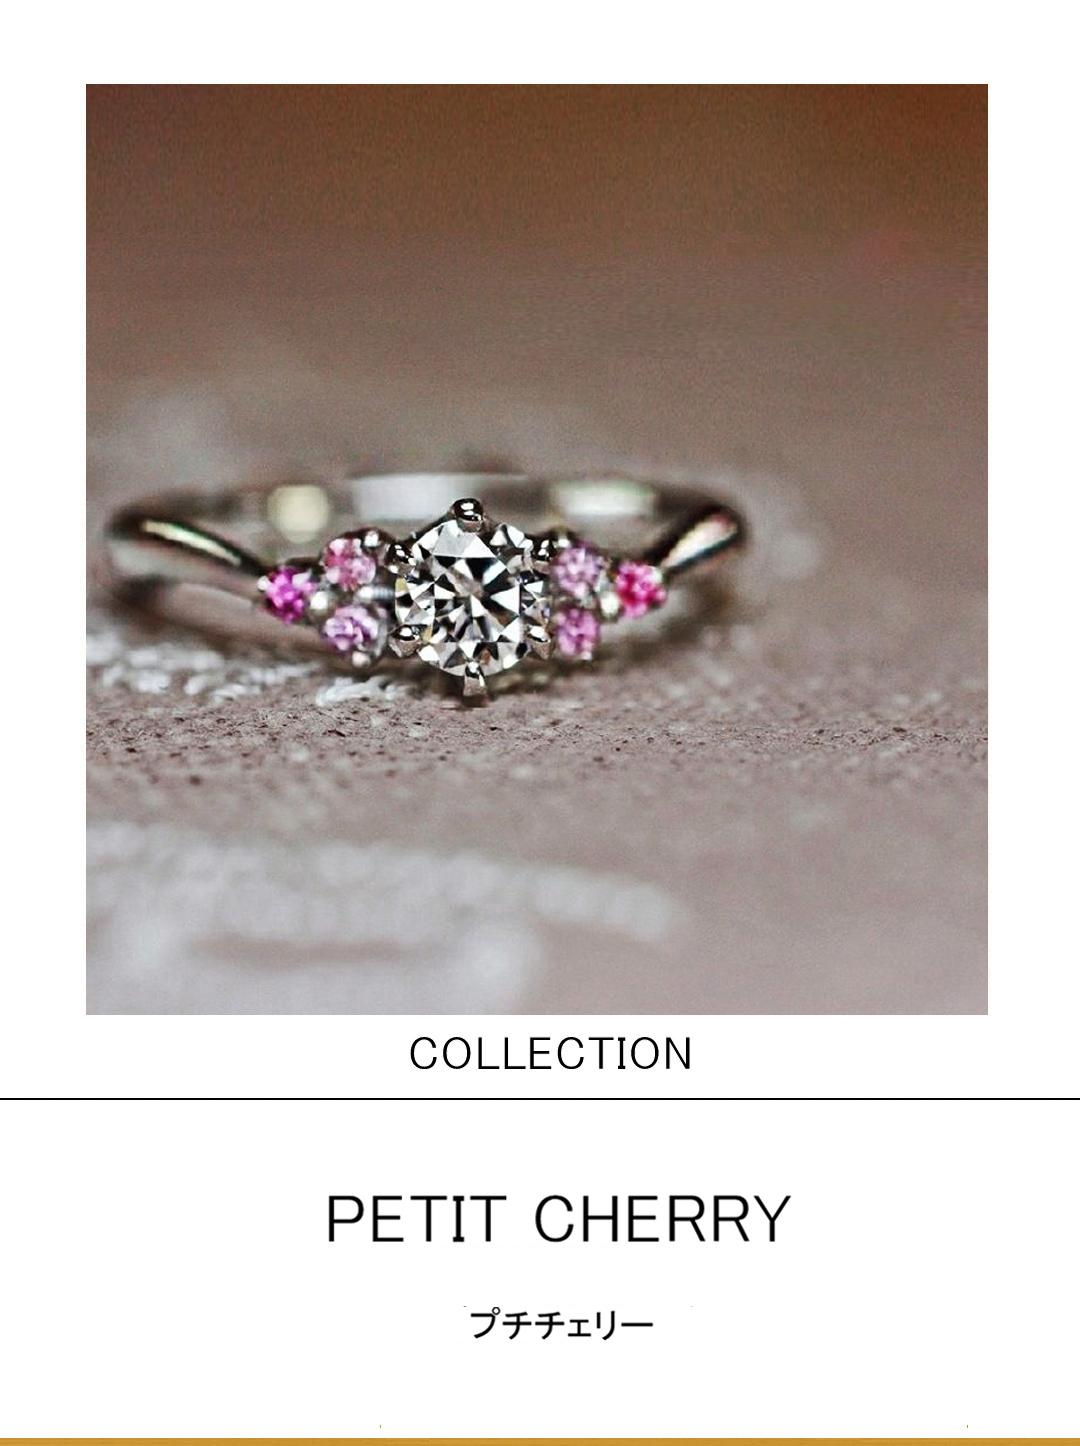 小さなピンクサファイアに囲まれたサクランボデザインの婚約指輪のサムネイル